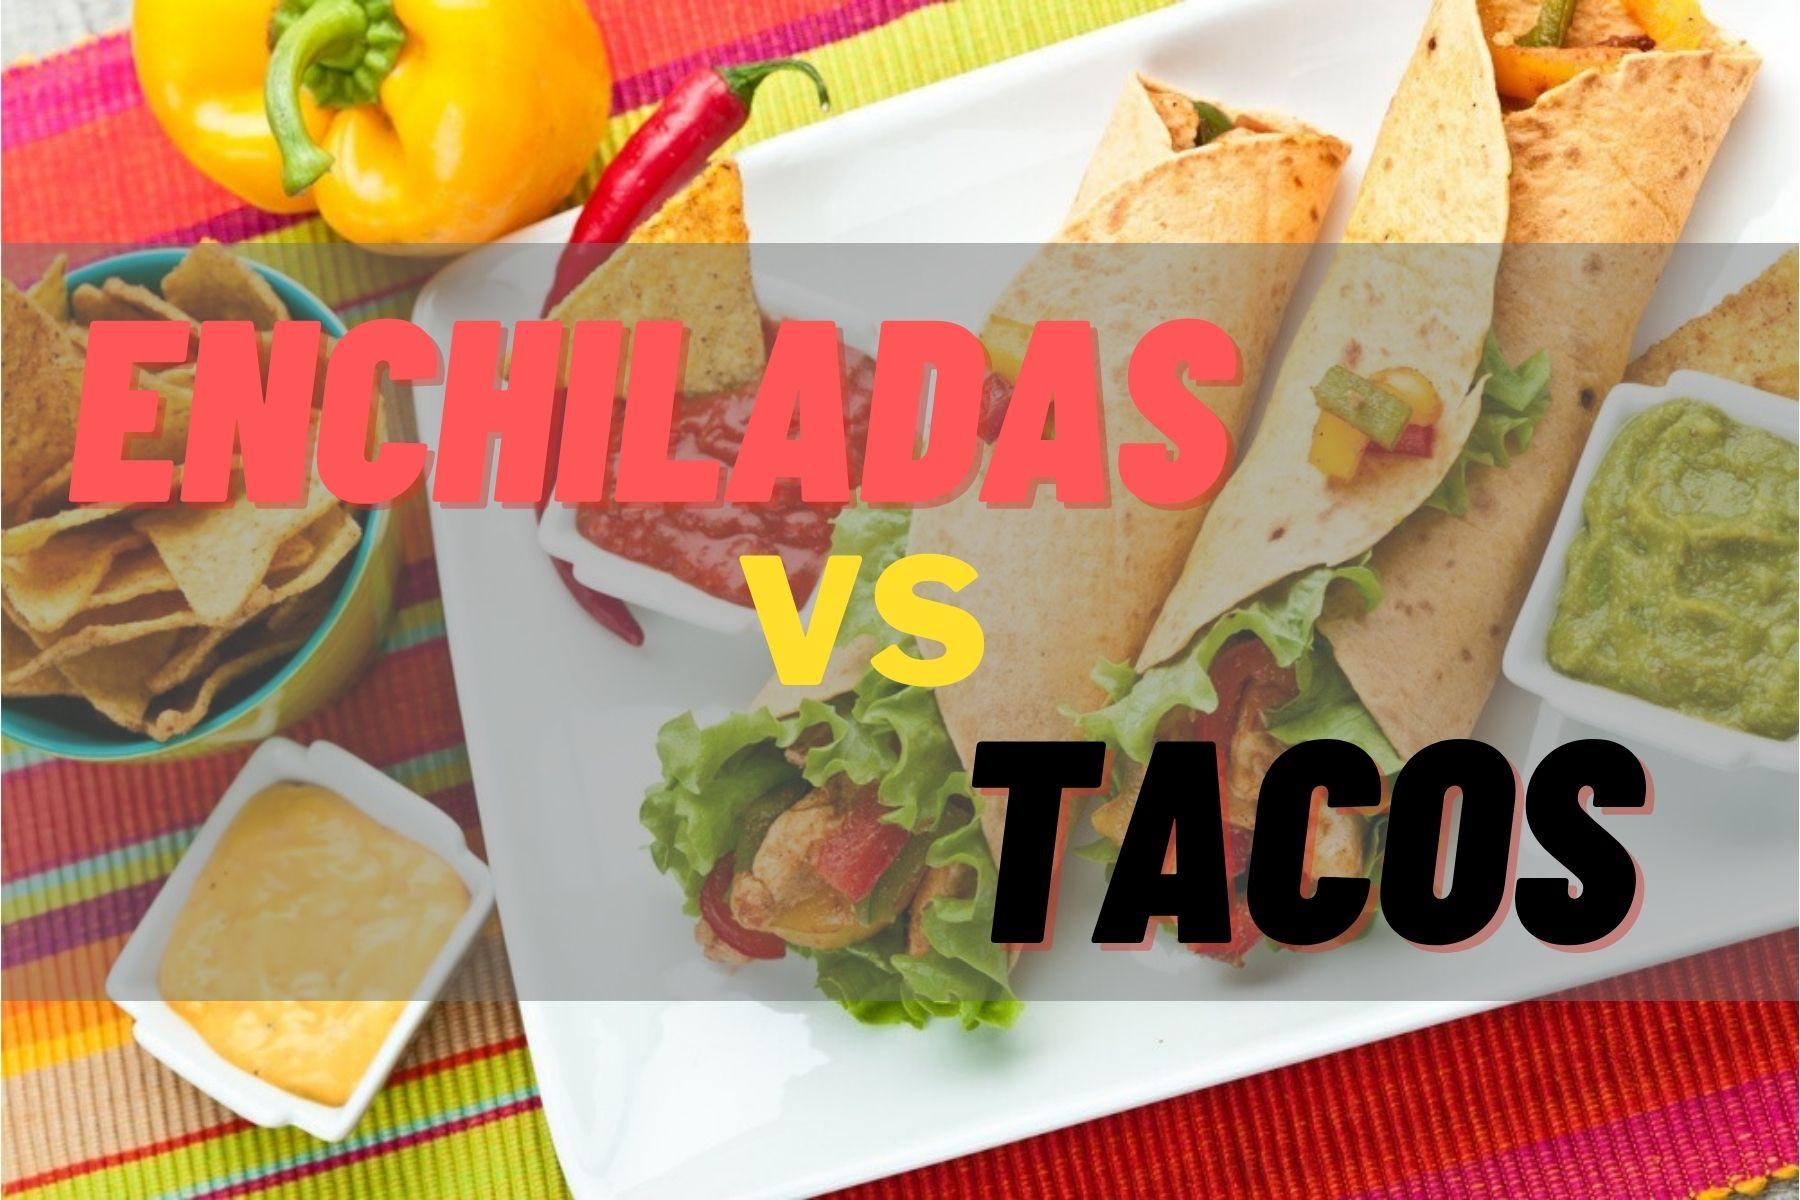 Enchilada Sauce Vs Taco Sauce